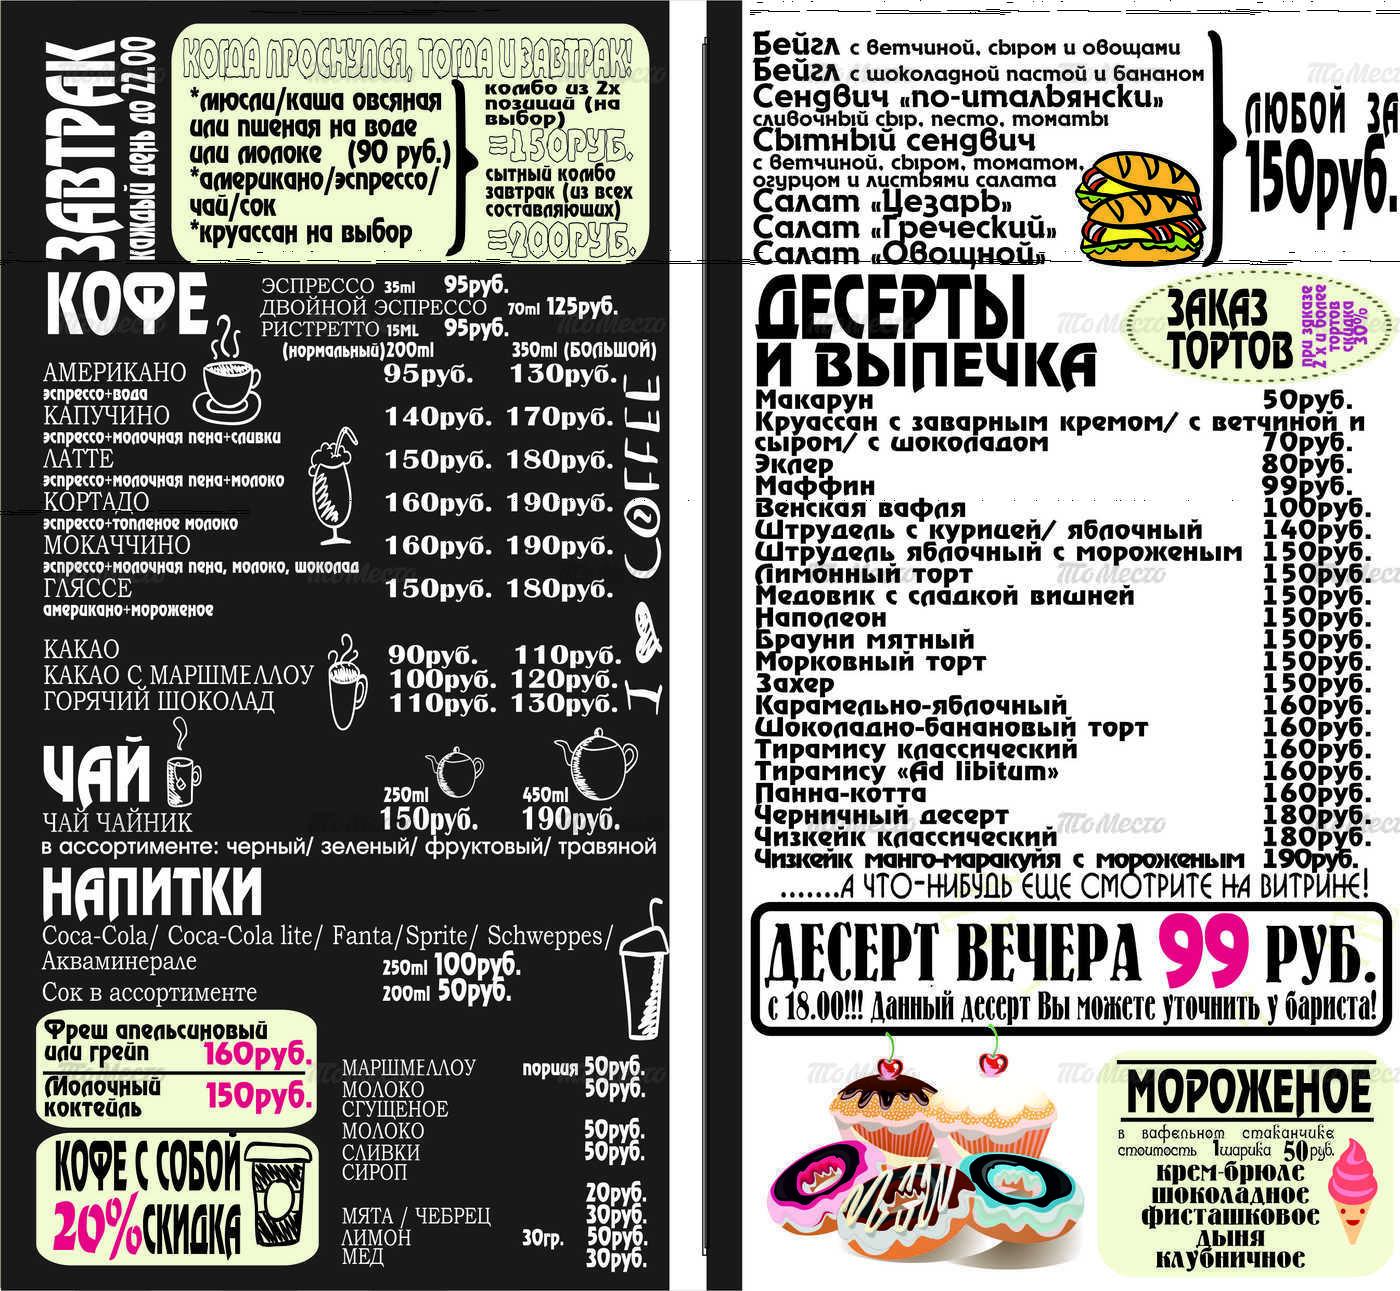 Меню кафе 64 зерна (бывш. Elu) в Большой Московской